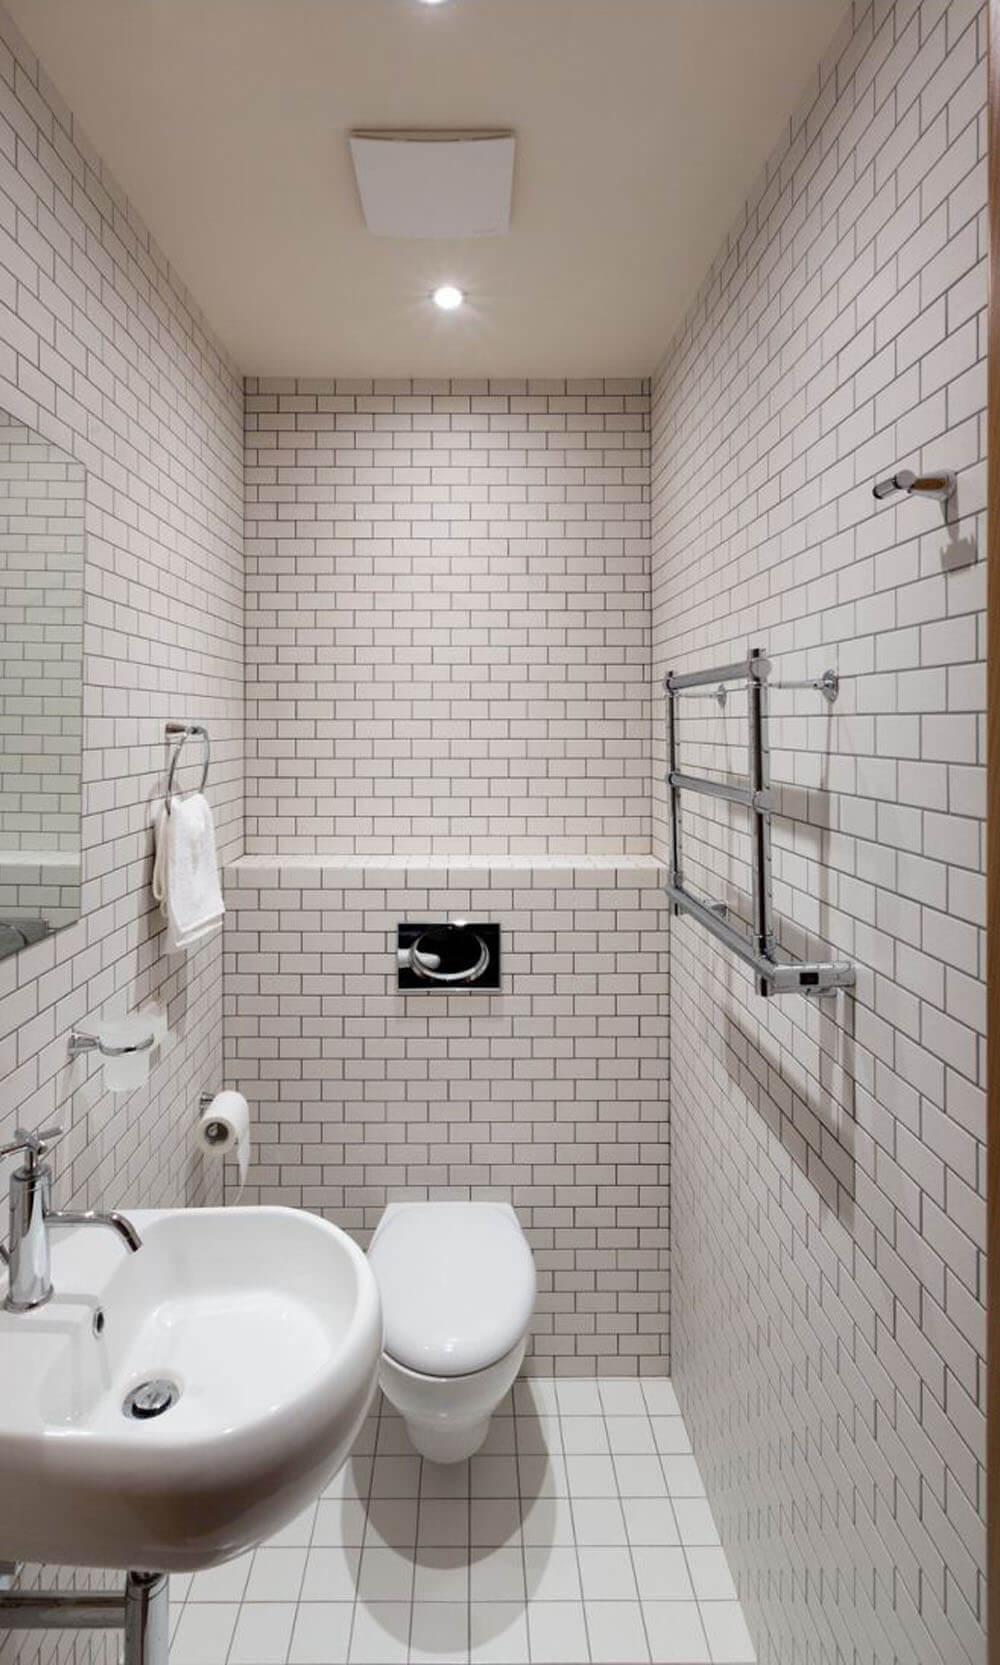 Mẹo sửa nhà với phòng tắm được ốp, lát gạch, tông màu trắng, sạch sẽ, tạo cảm giác rộng rãi hơn.